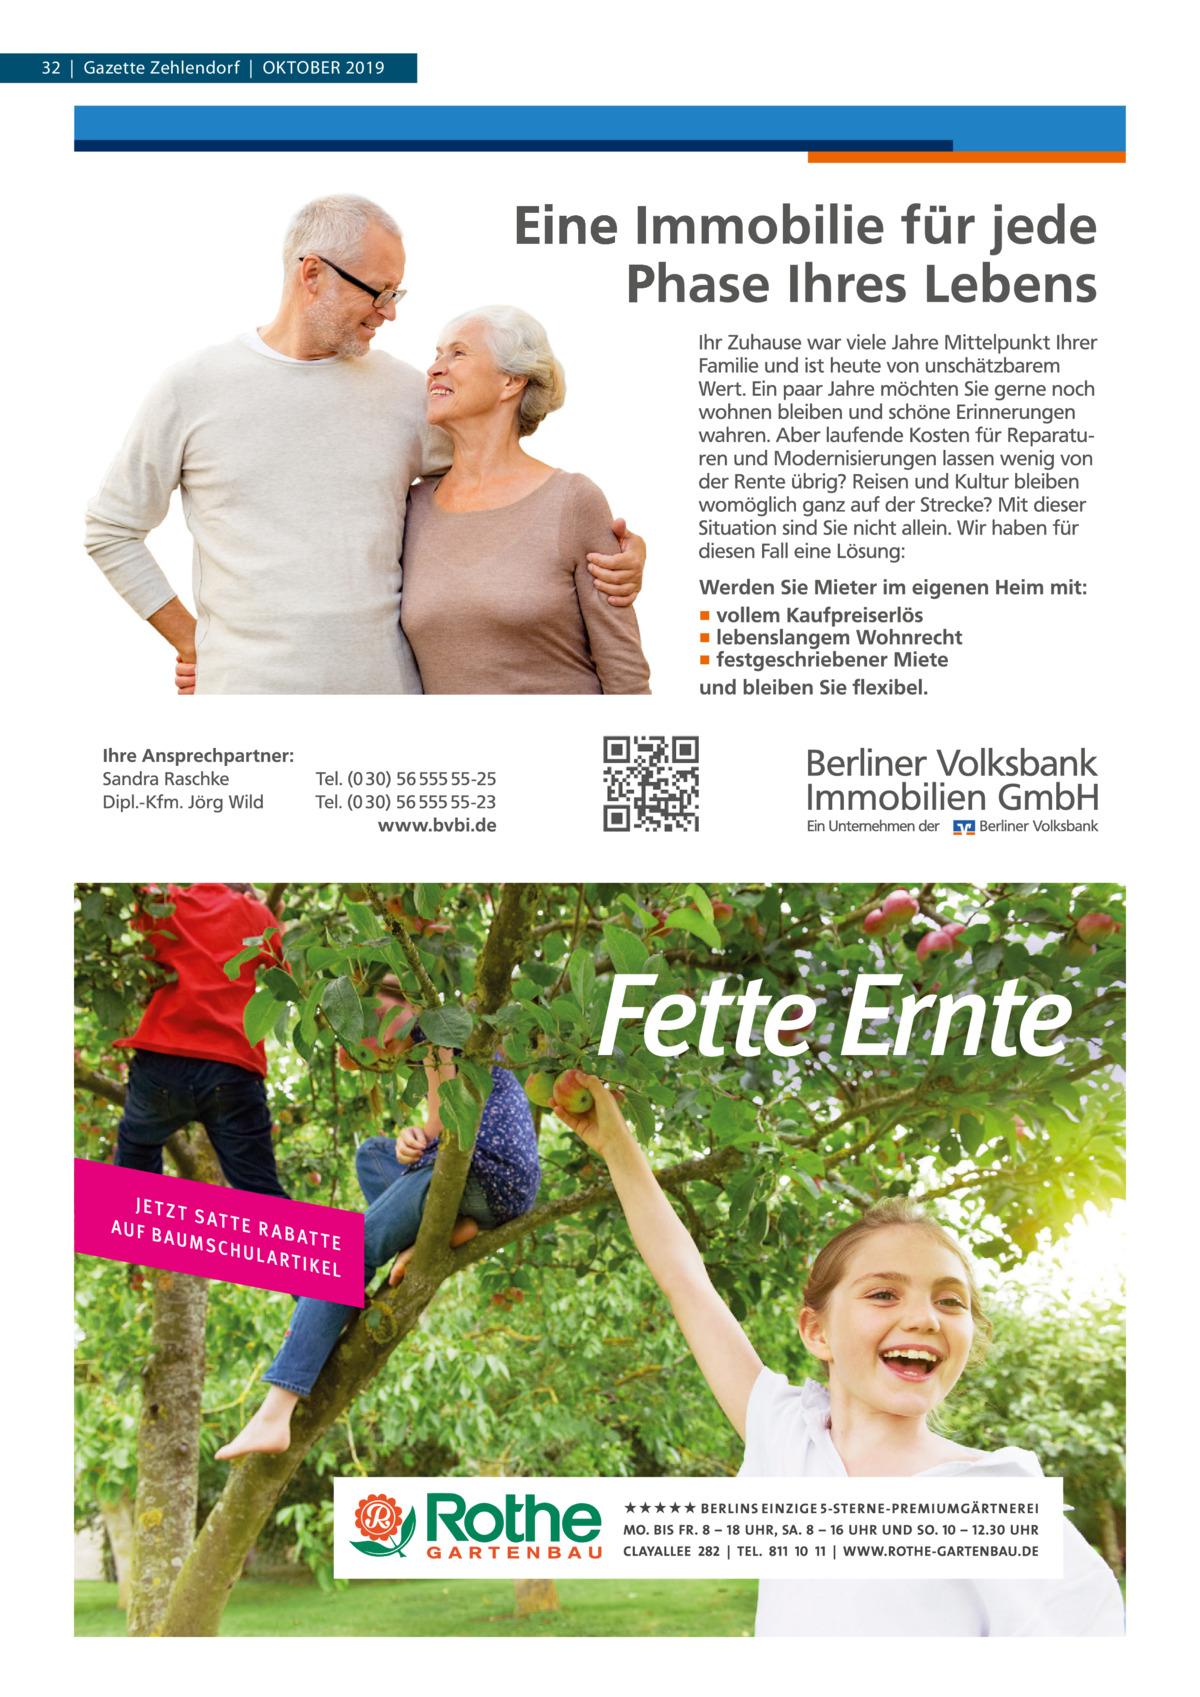 32|Gazette Zehlendorf|Oktober 2019